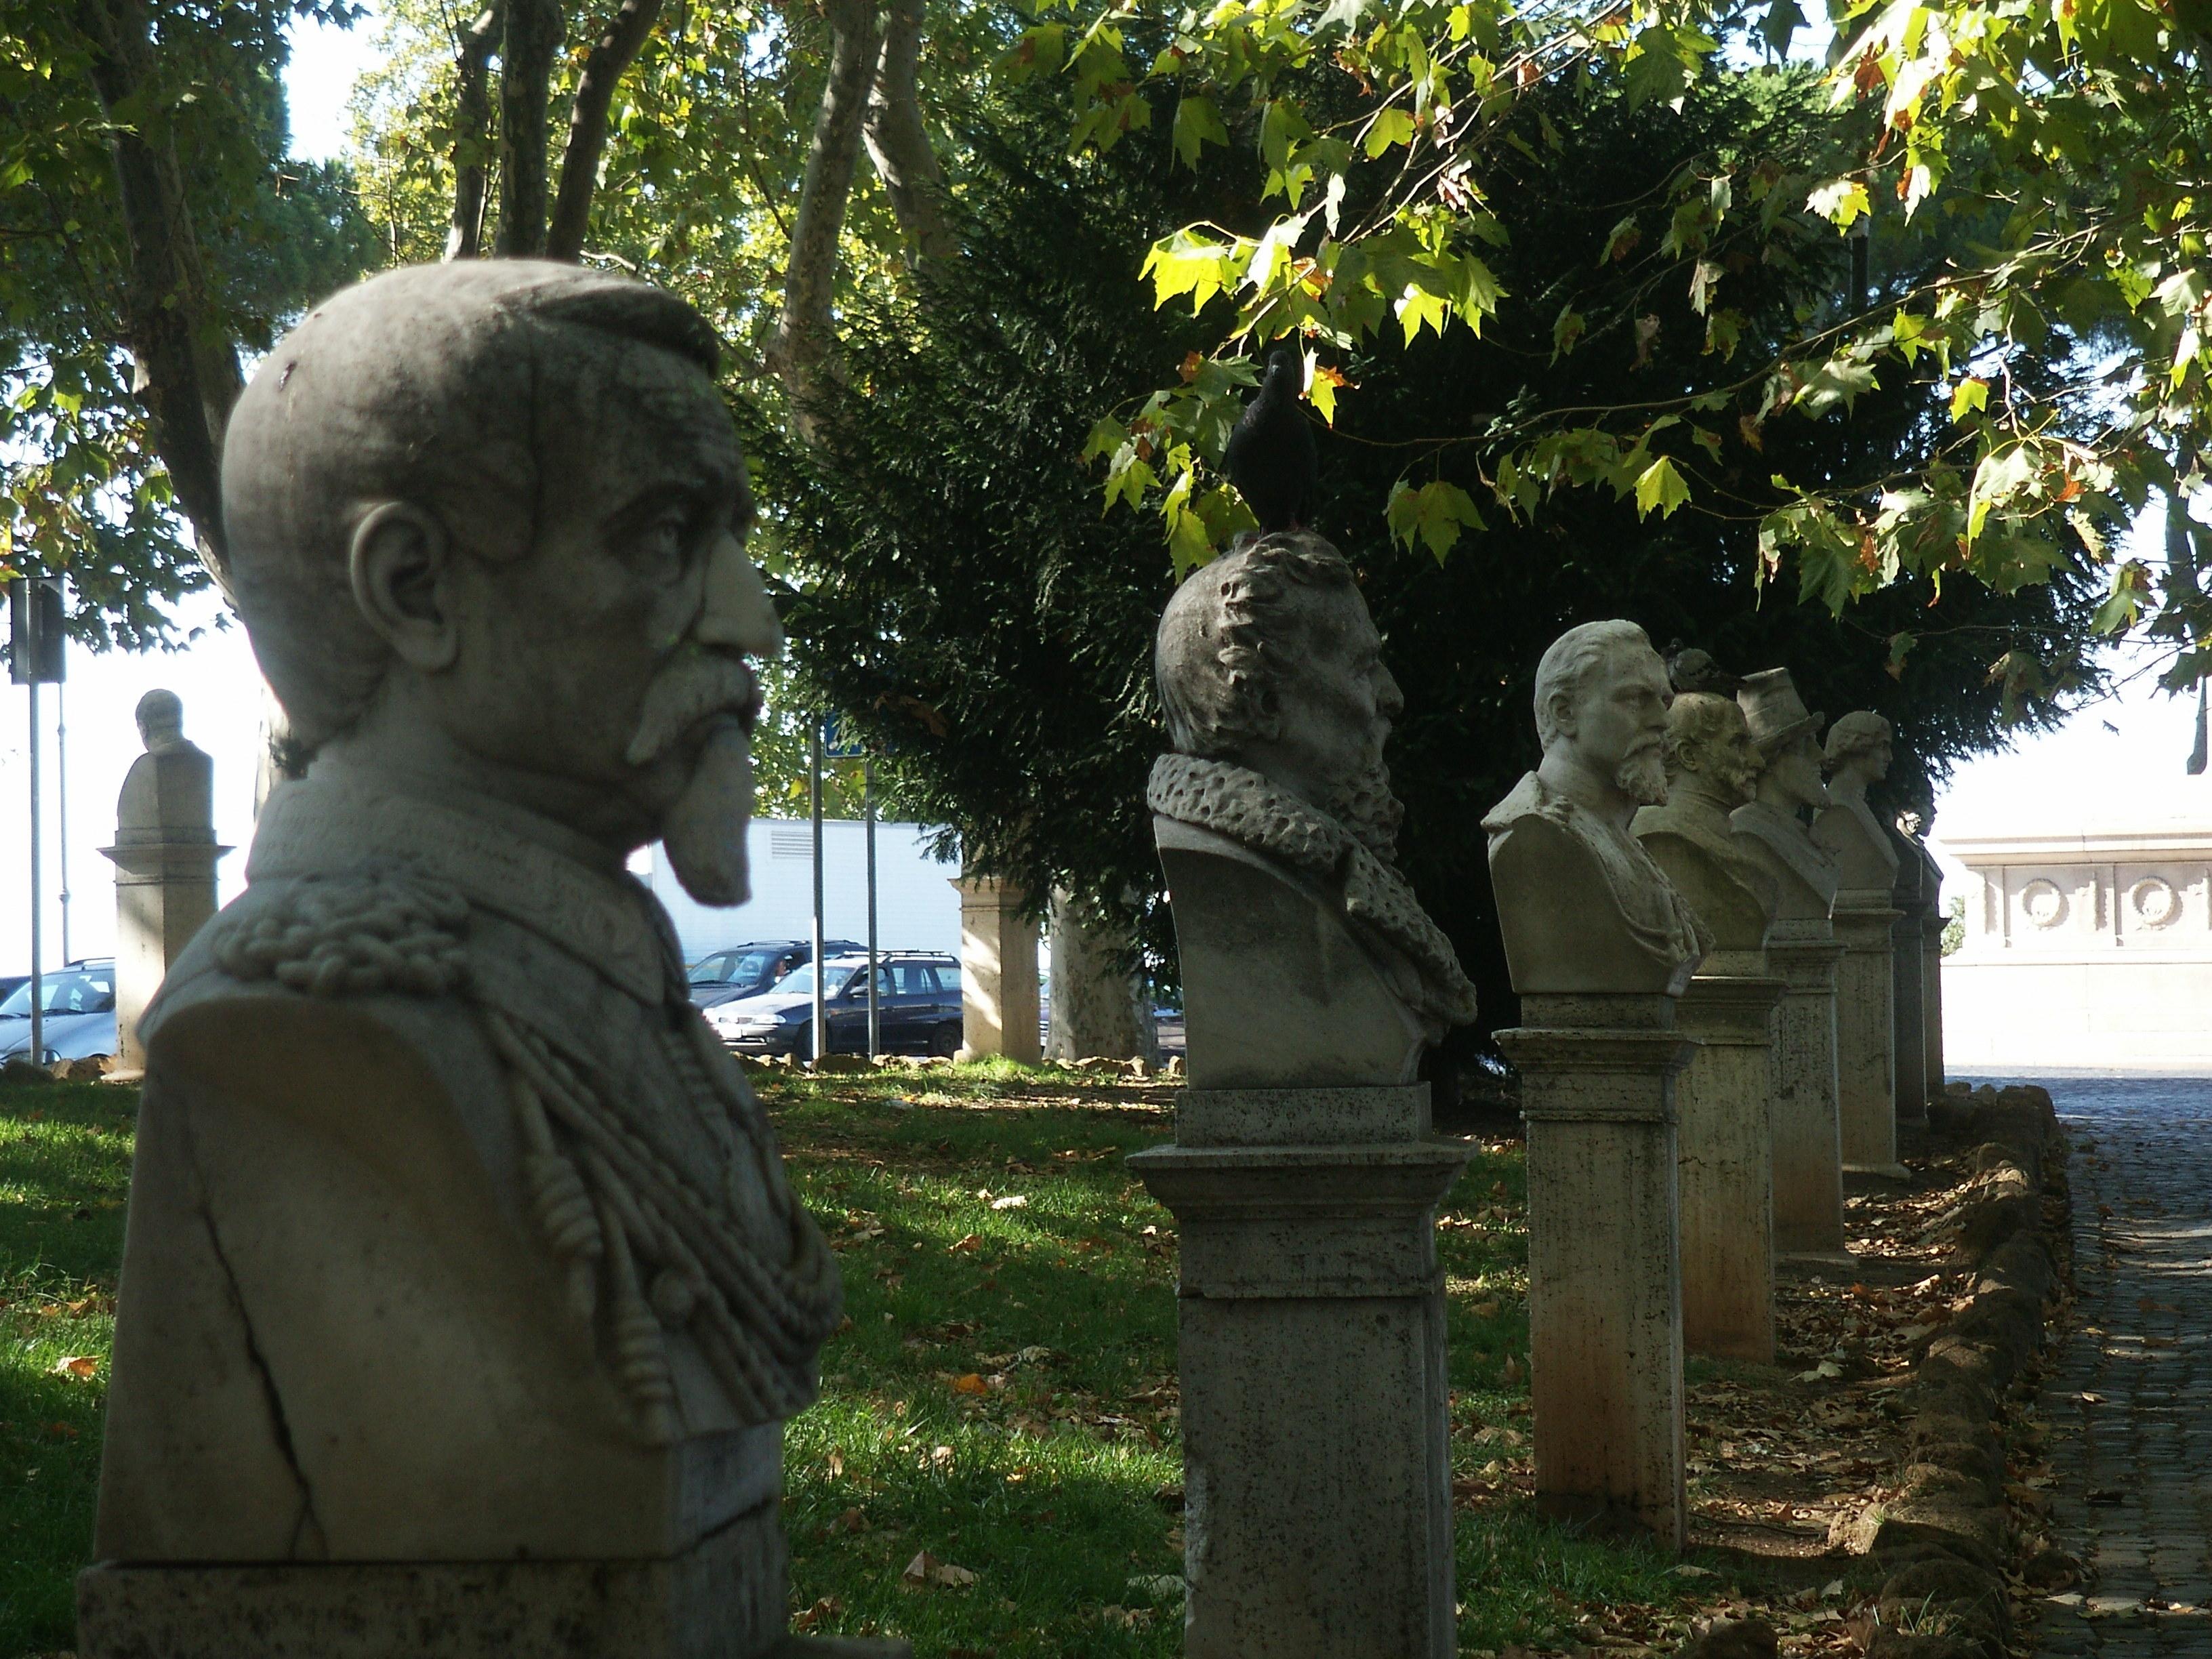 PASSEGGIATA DEL GIANICOLO PROMENADE OF THE JANICULUM  Parchi ville e giardini di Roma e dintorni